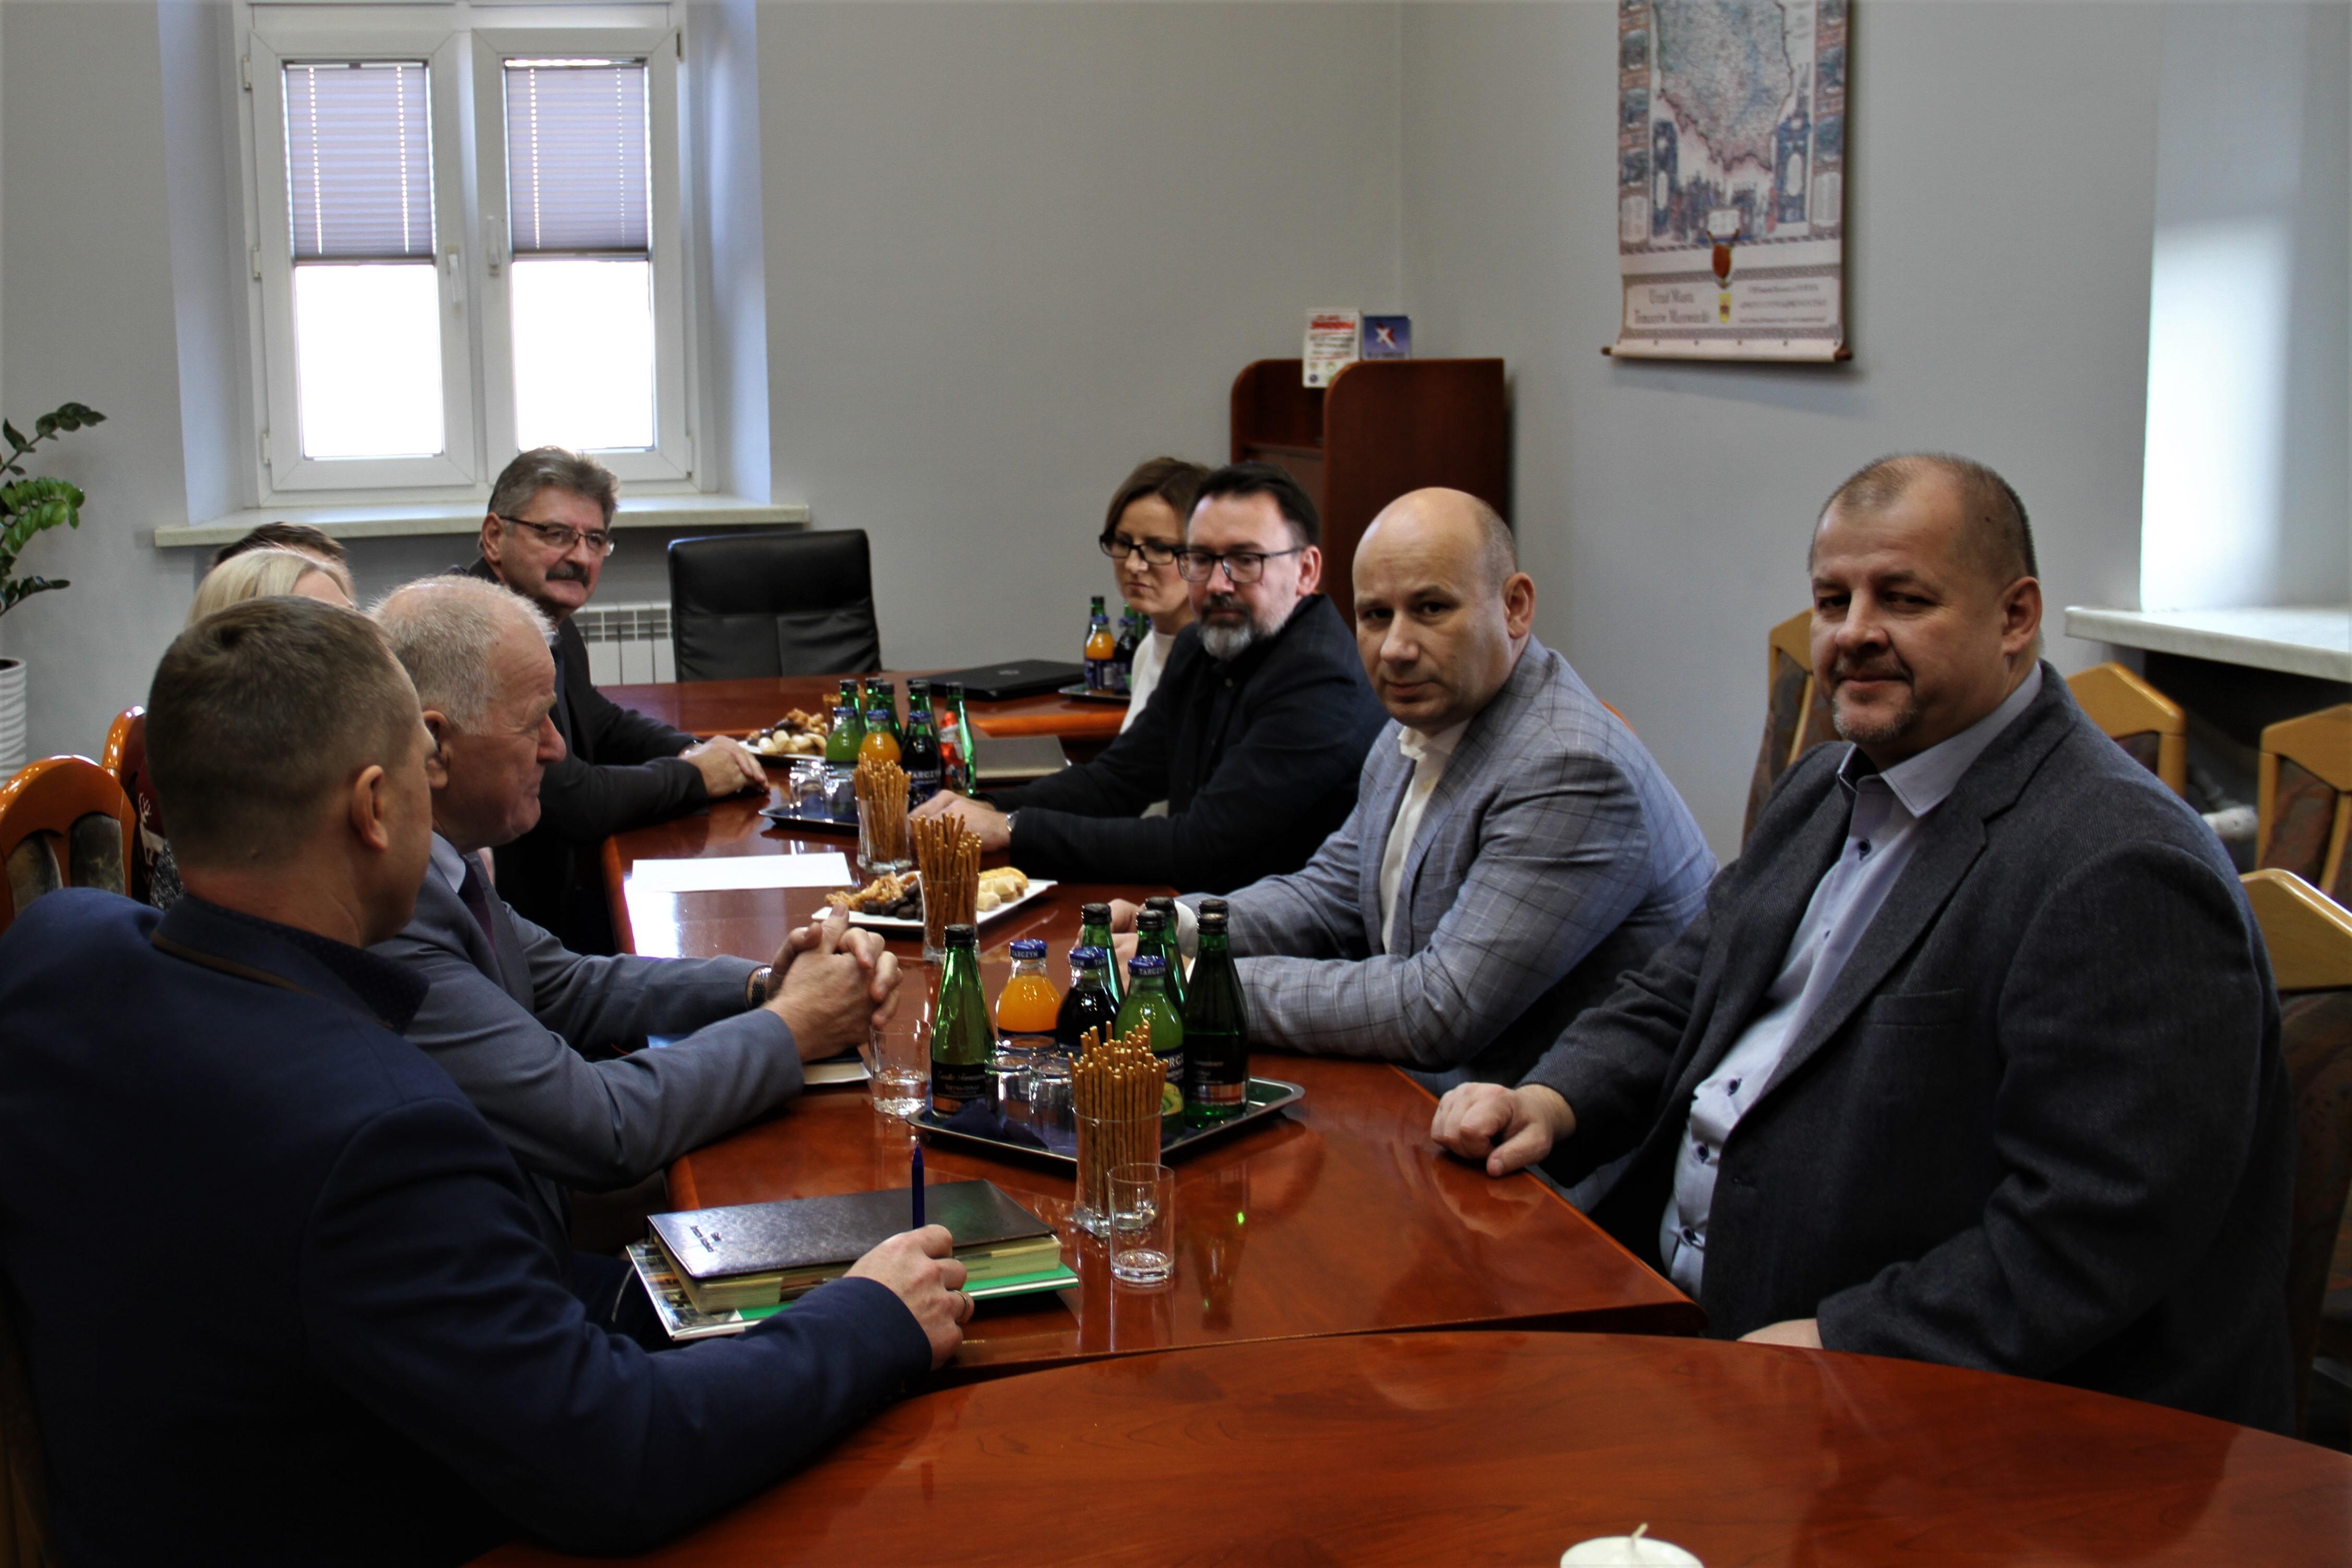 spotkanie zespołu obwodnica - 6.12.2019